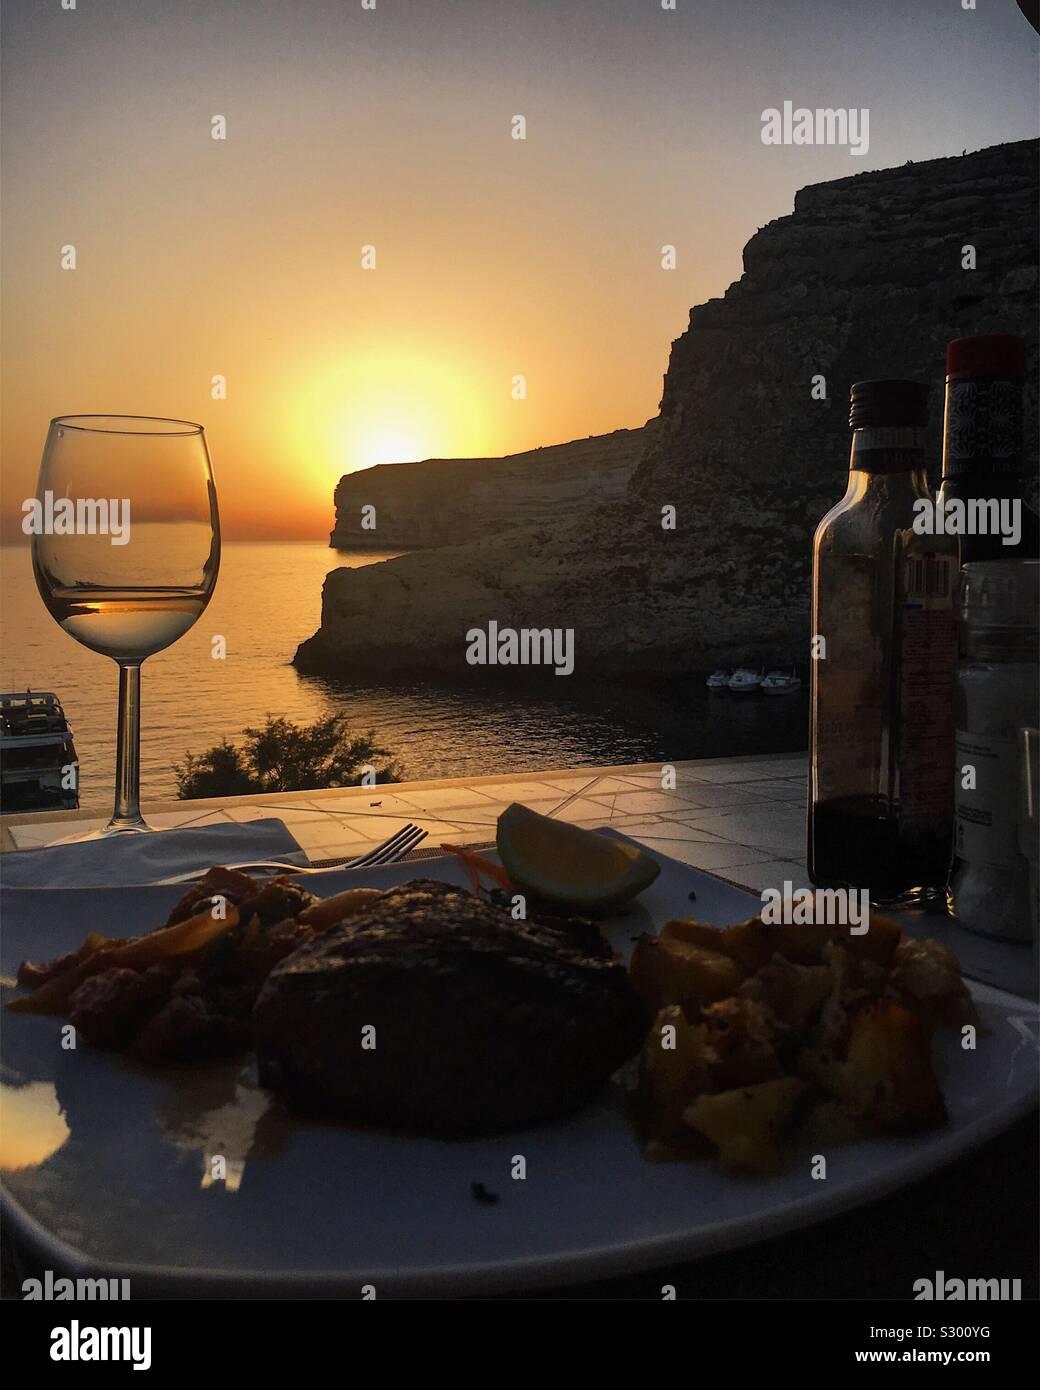 Restaurante de playa con puesta de sol en el fondo. Foto de stock